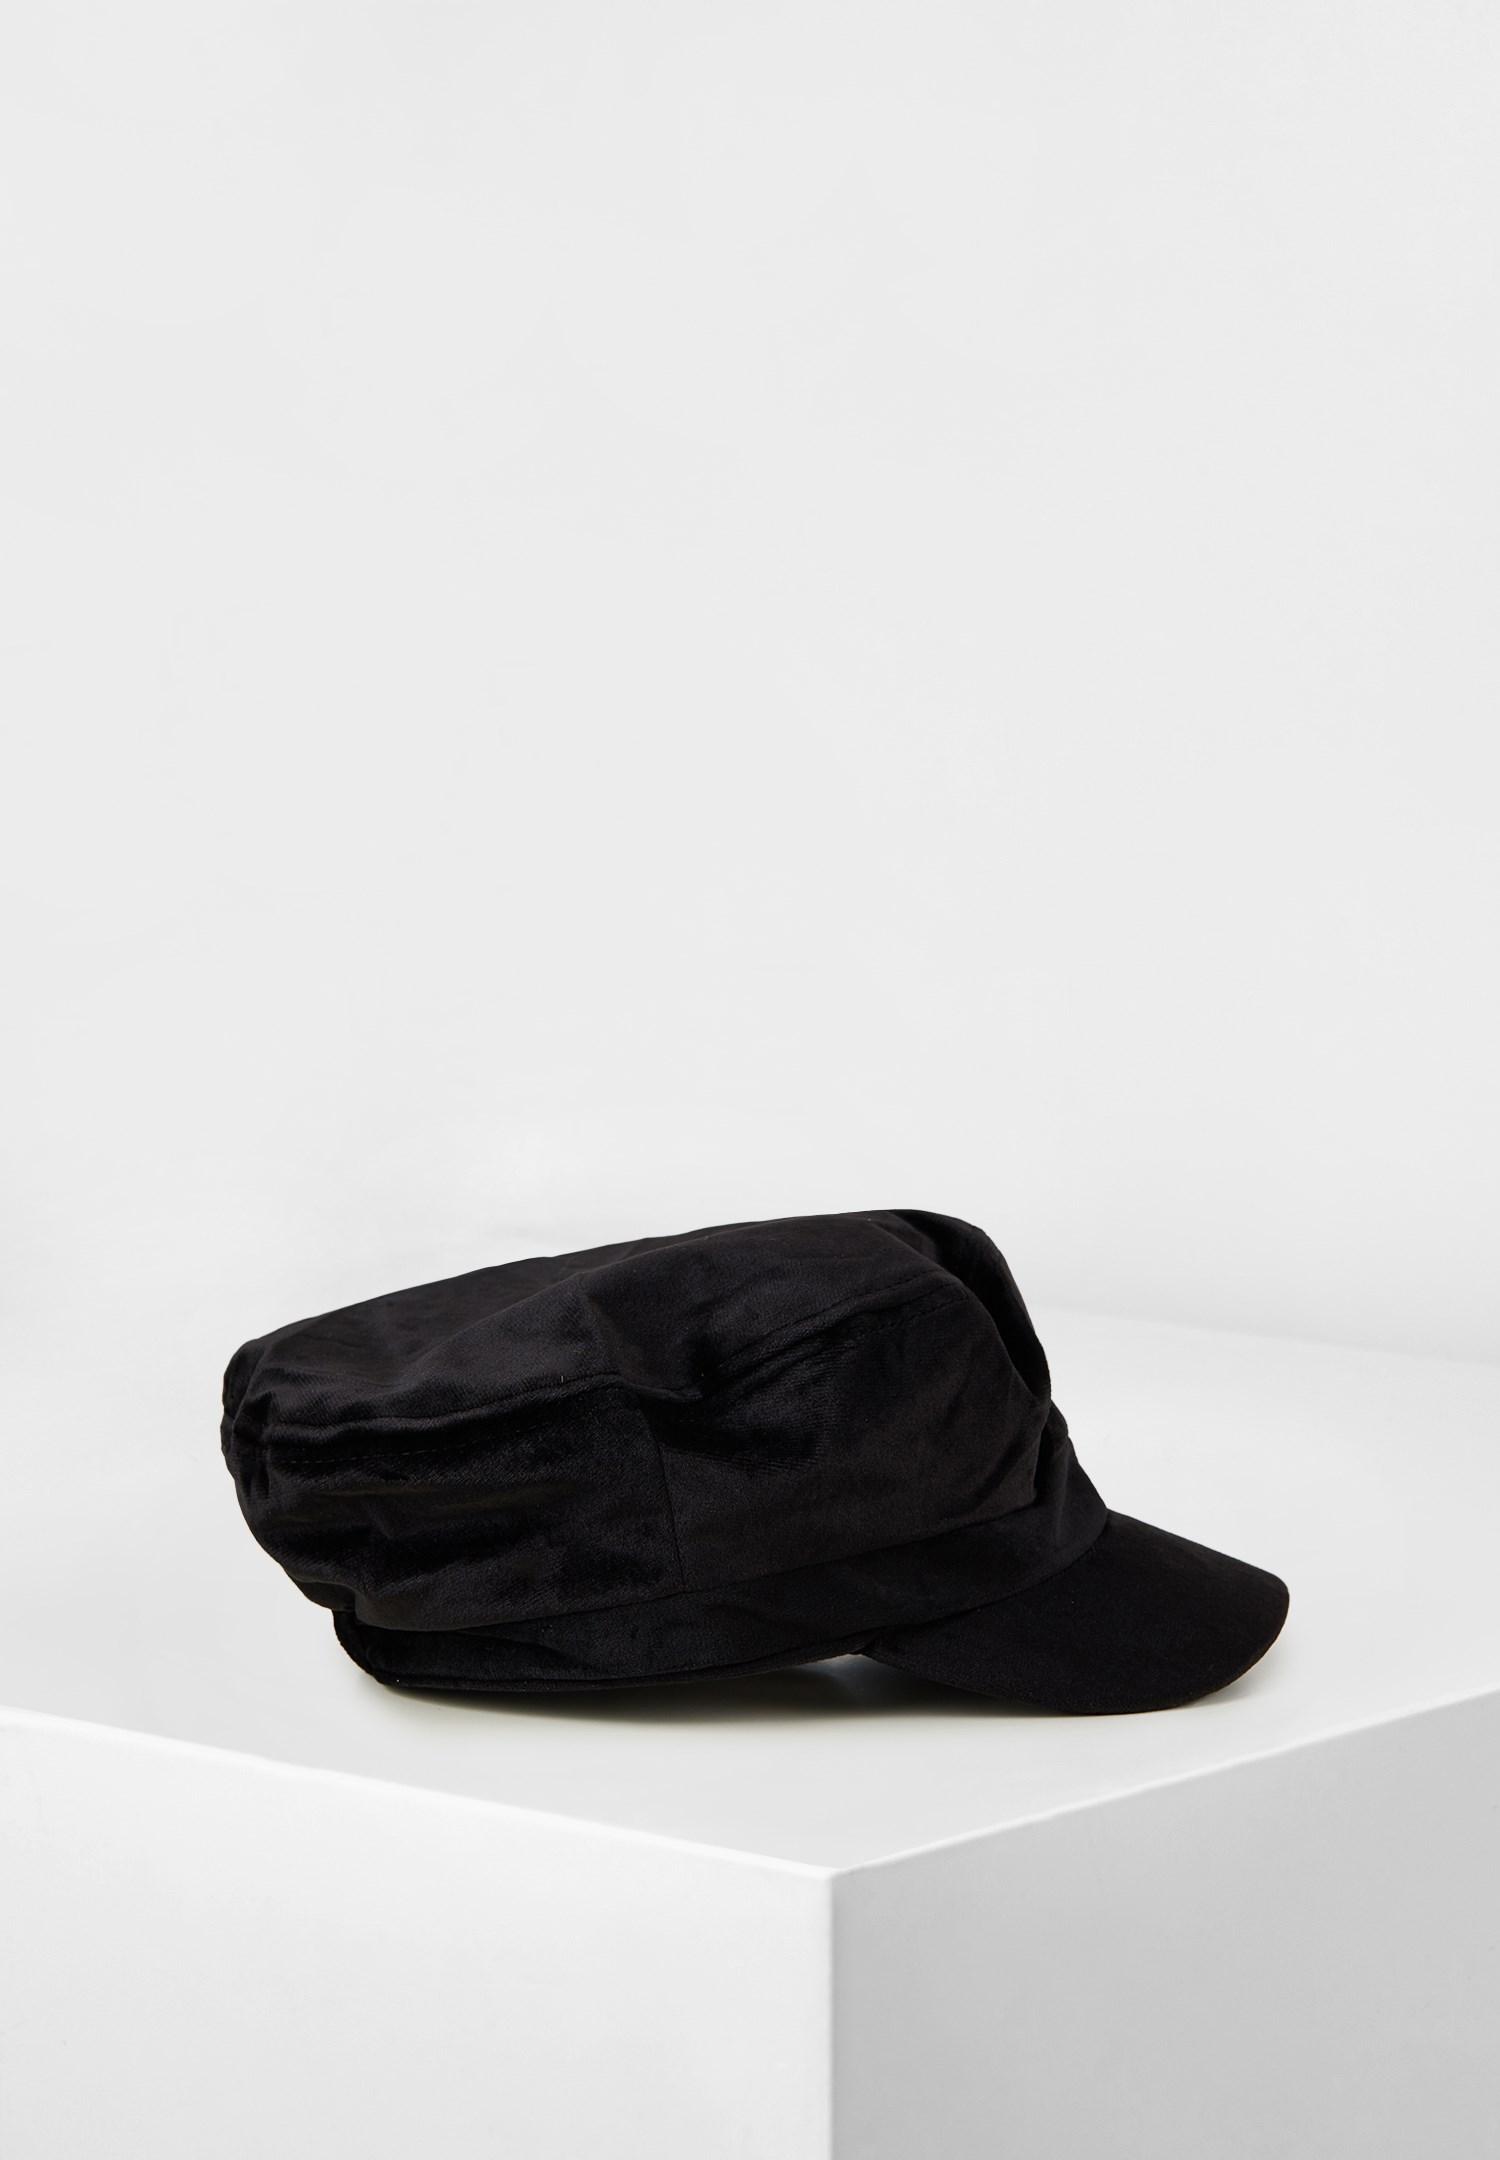 Bayan Siyah Dokulu Kadife Şapka